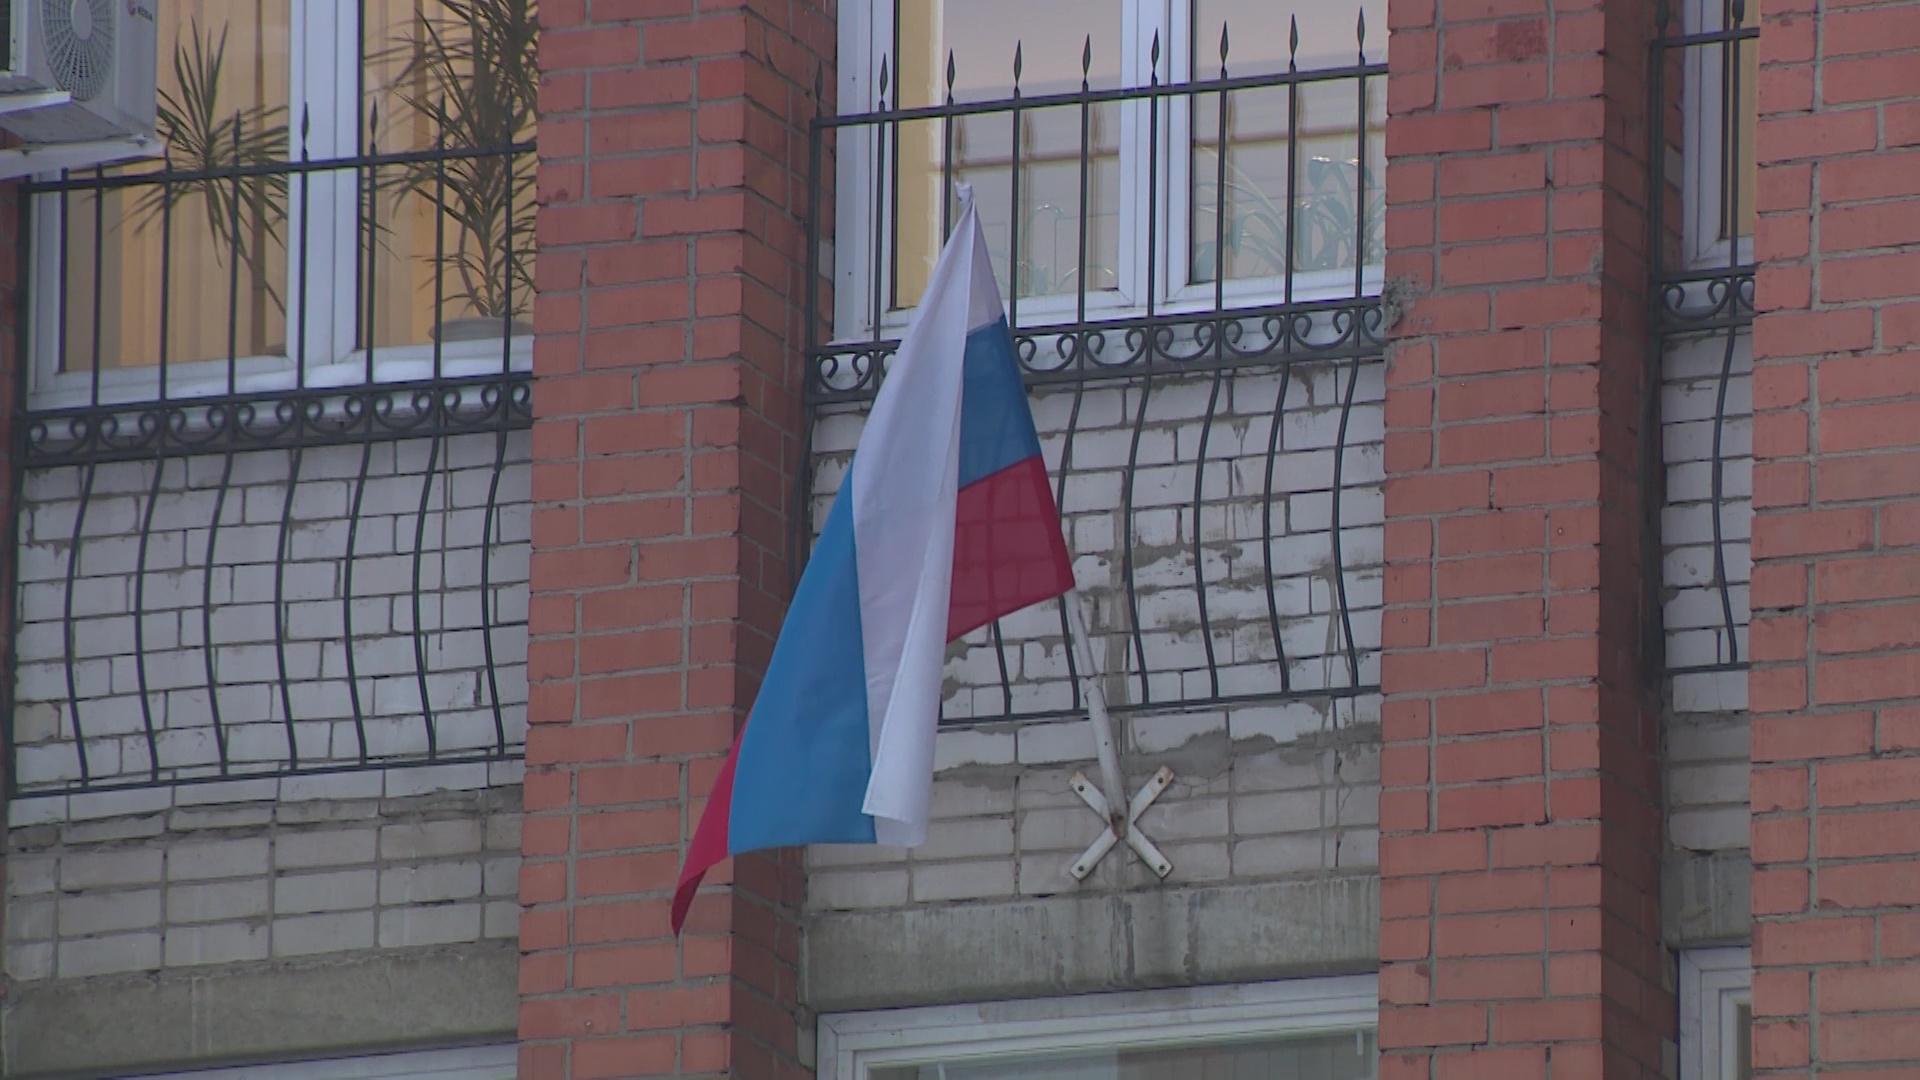 Ярославец будет отвечать по уголовной статье за нарушение самоизоляции во время болезни ковидом